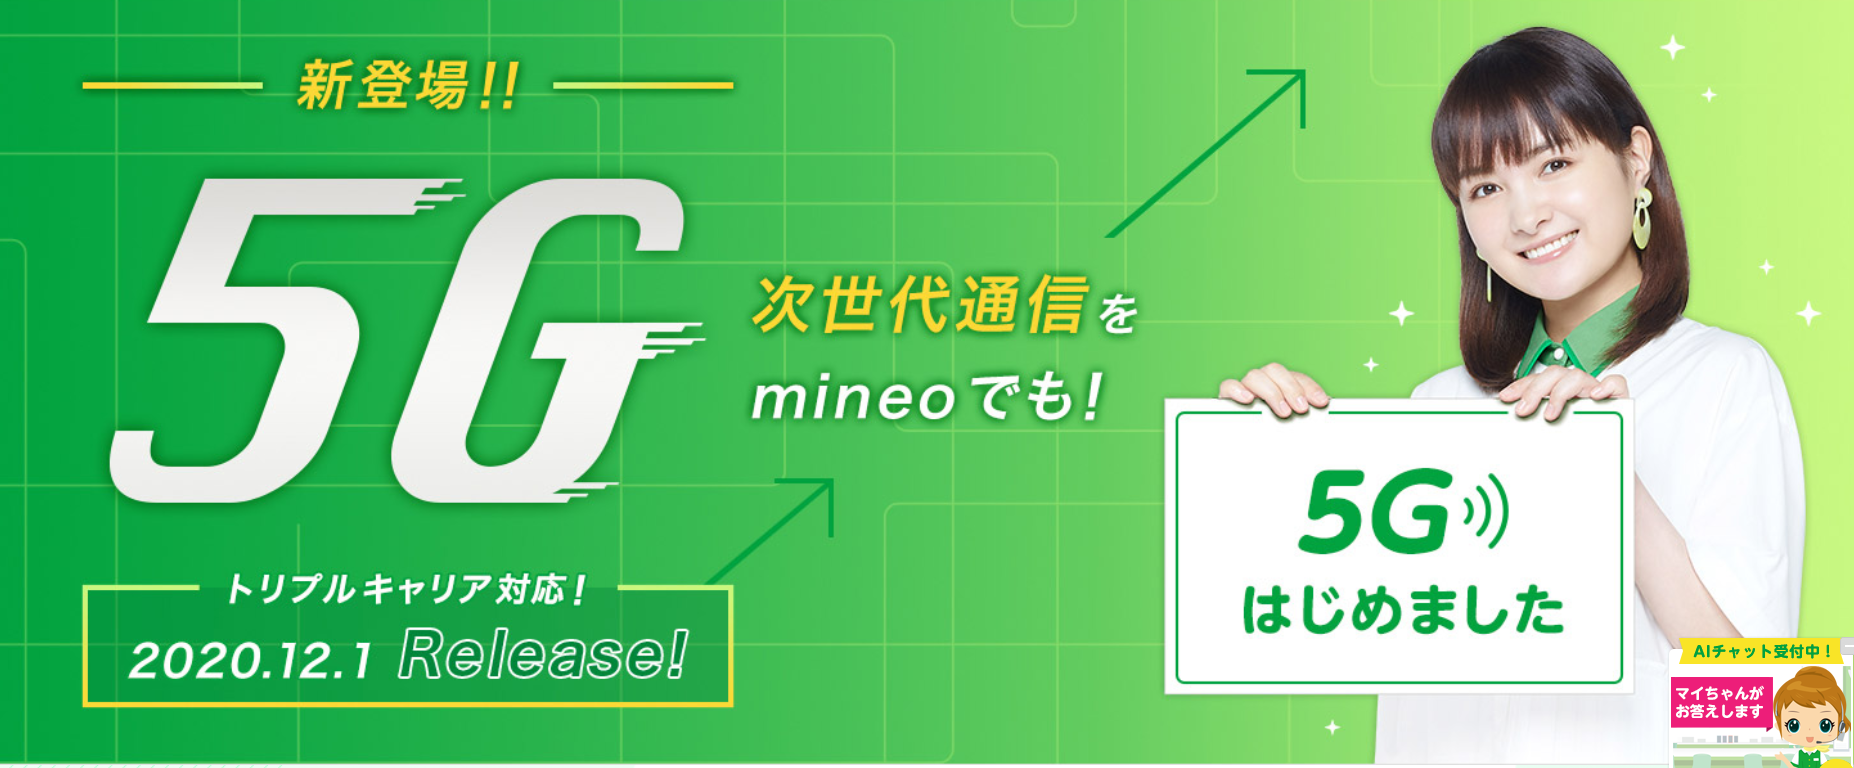 mineo_評判_5G対応